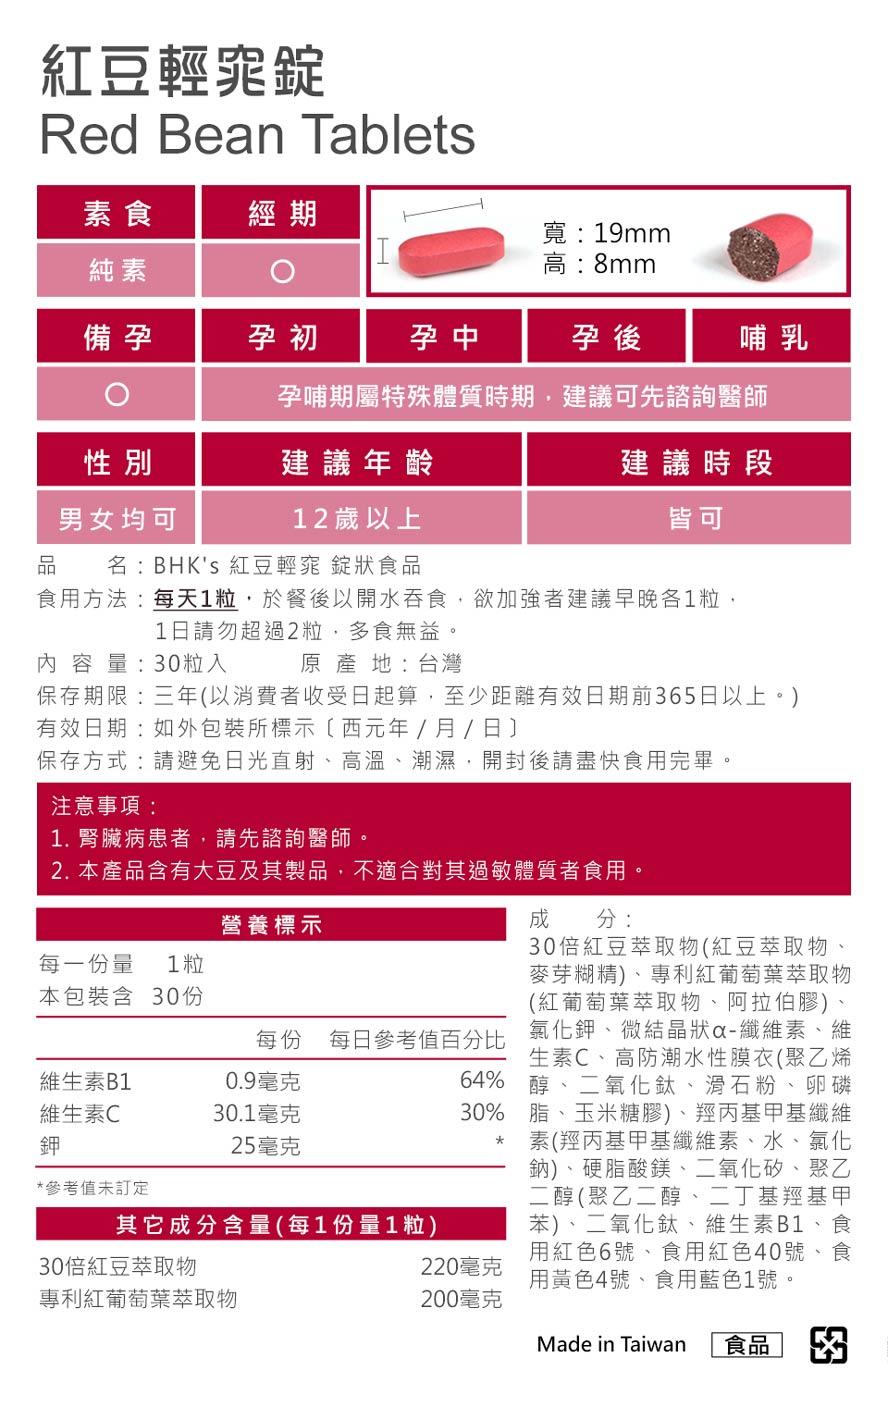 BHK's 紅豆輕窕錠成分、含量及相關資訊